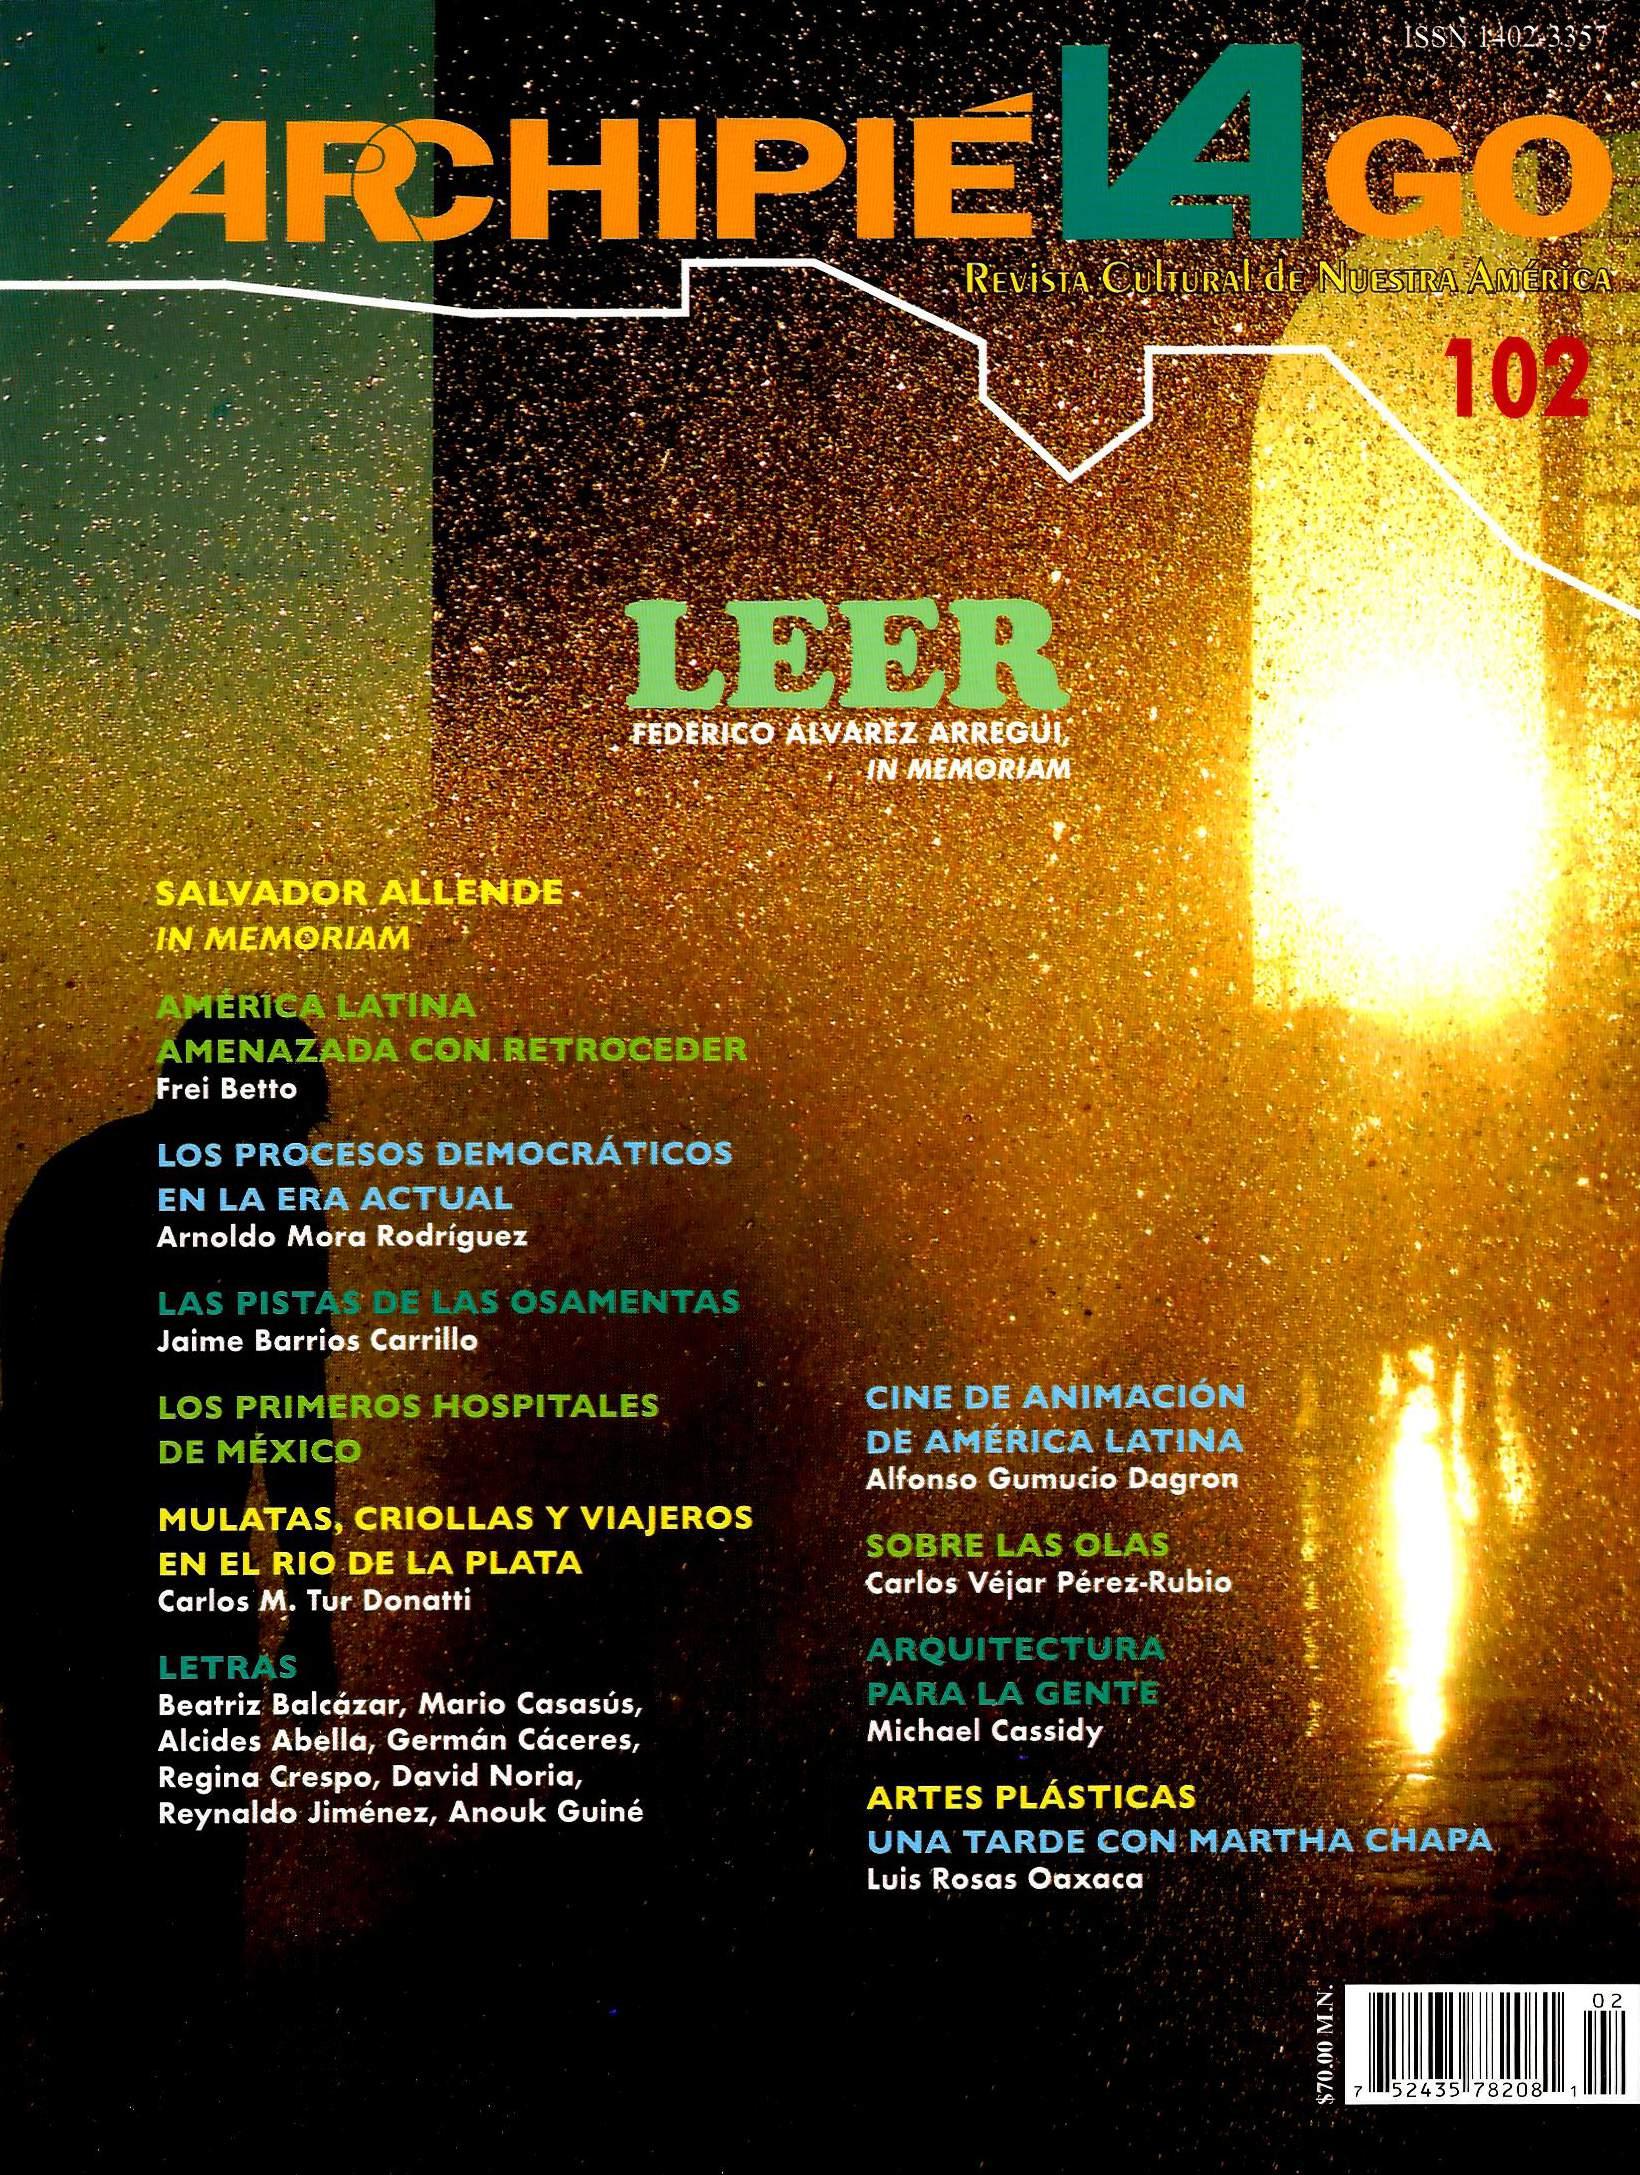 Archipiélago. Revista Cultural de Nuestra América, núm. 102, octubre-diciembre, 2018